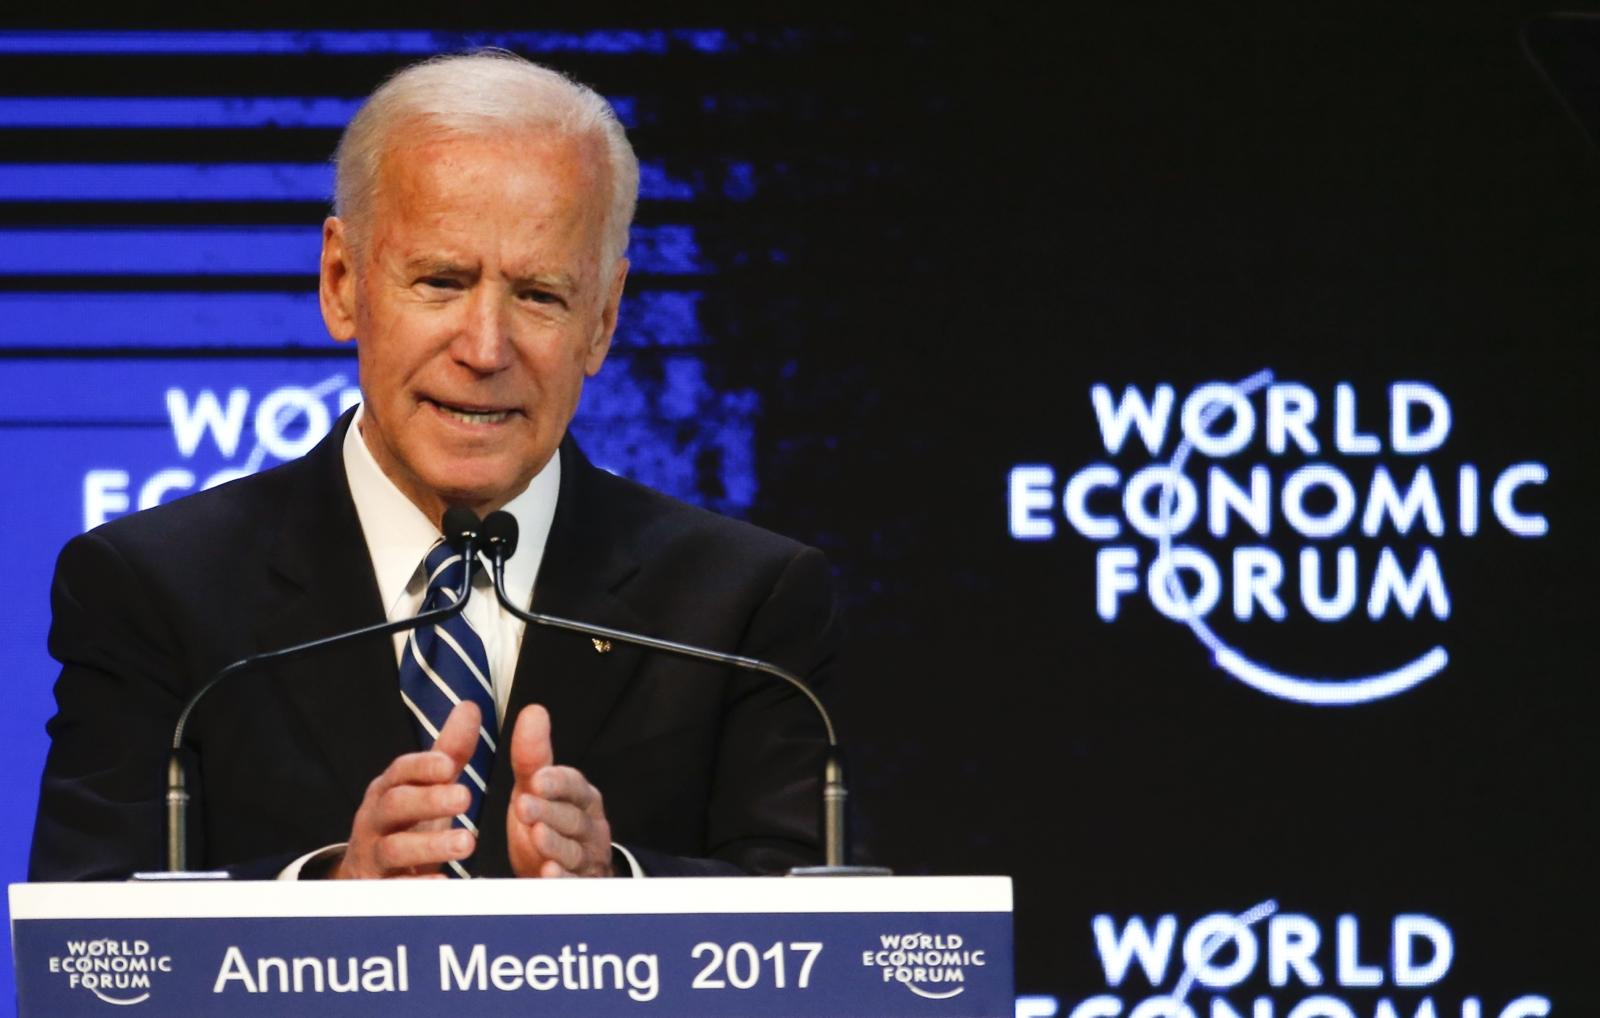 Joe Biden Davos 2017